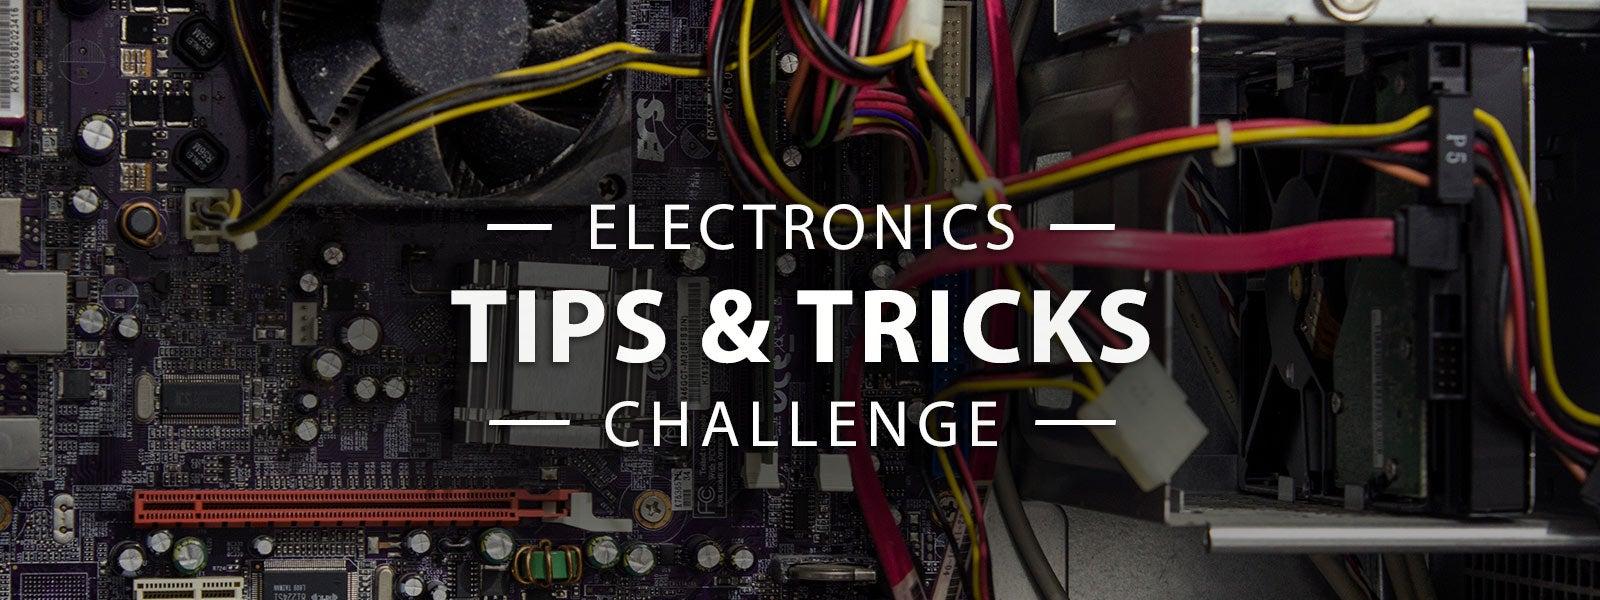 电子提示和技巧的挑战